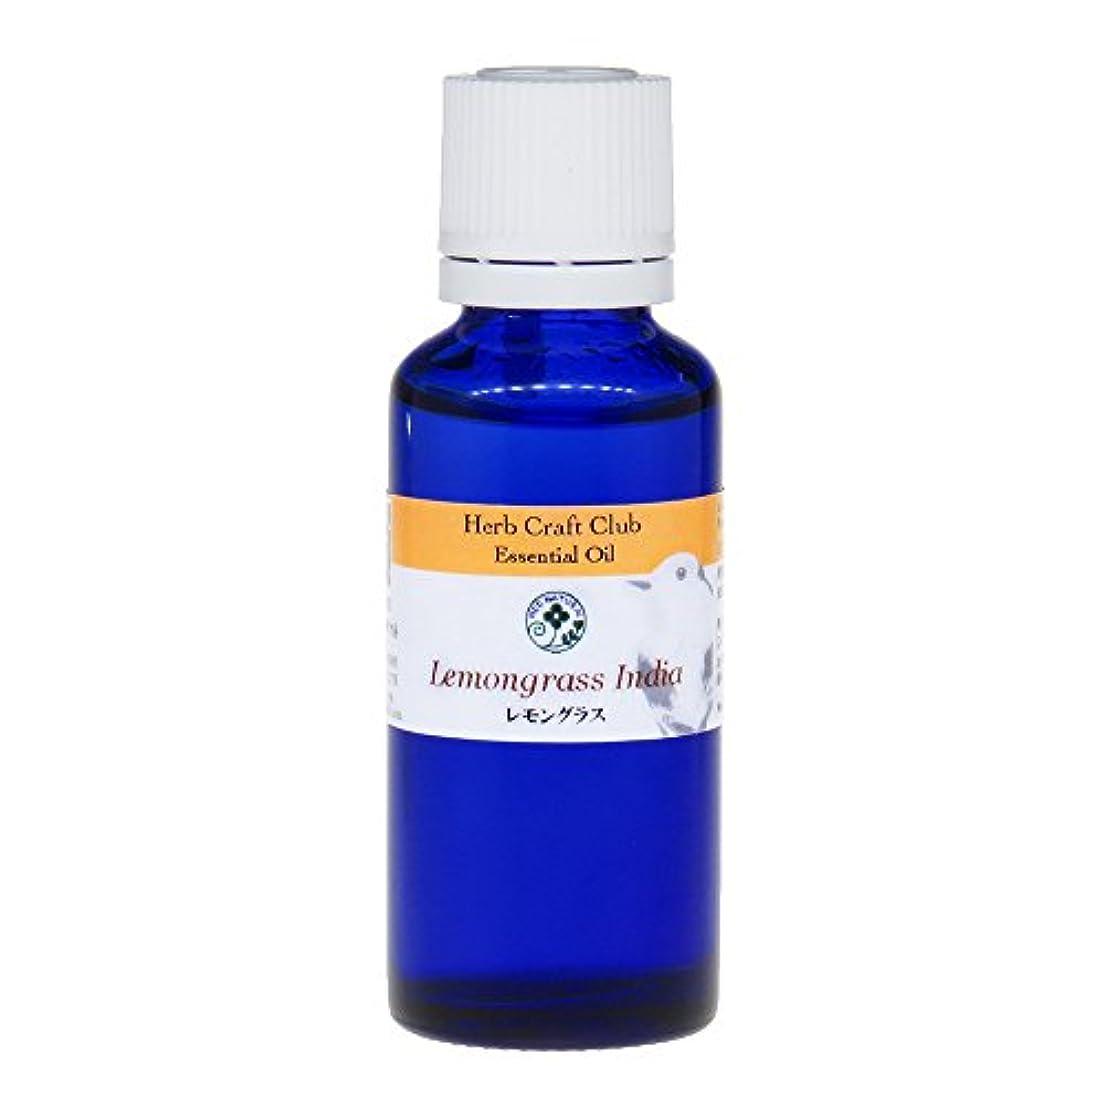 レモングラス30ml 100%天然エッセンシャルオイル